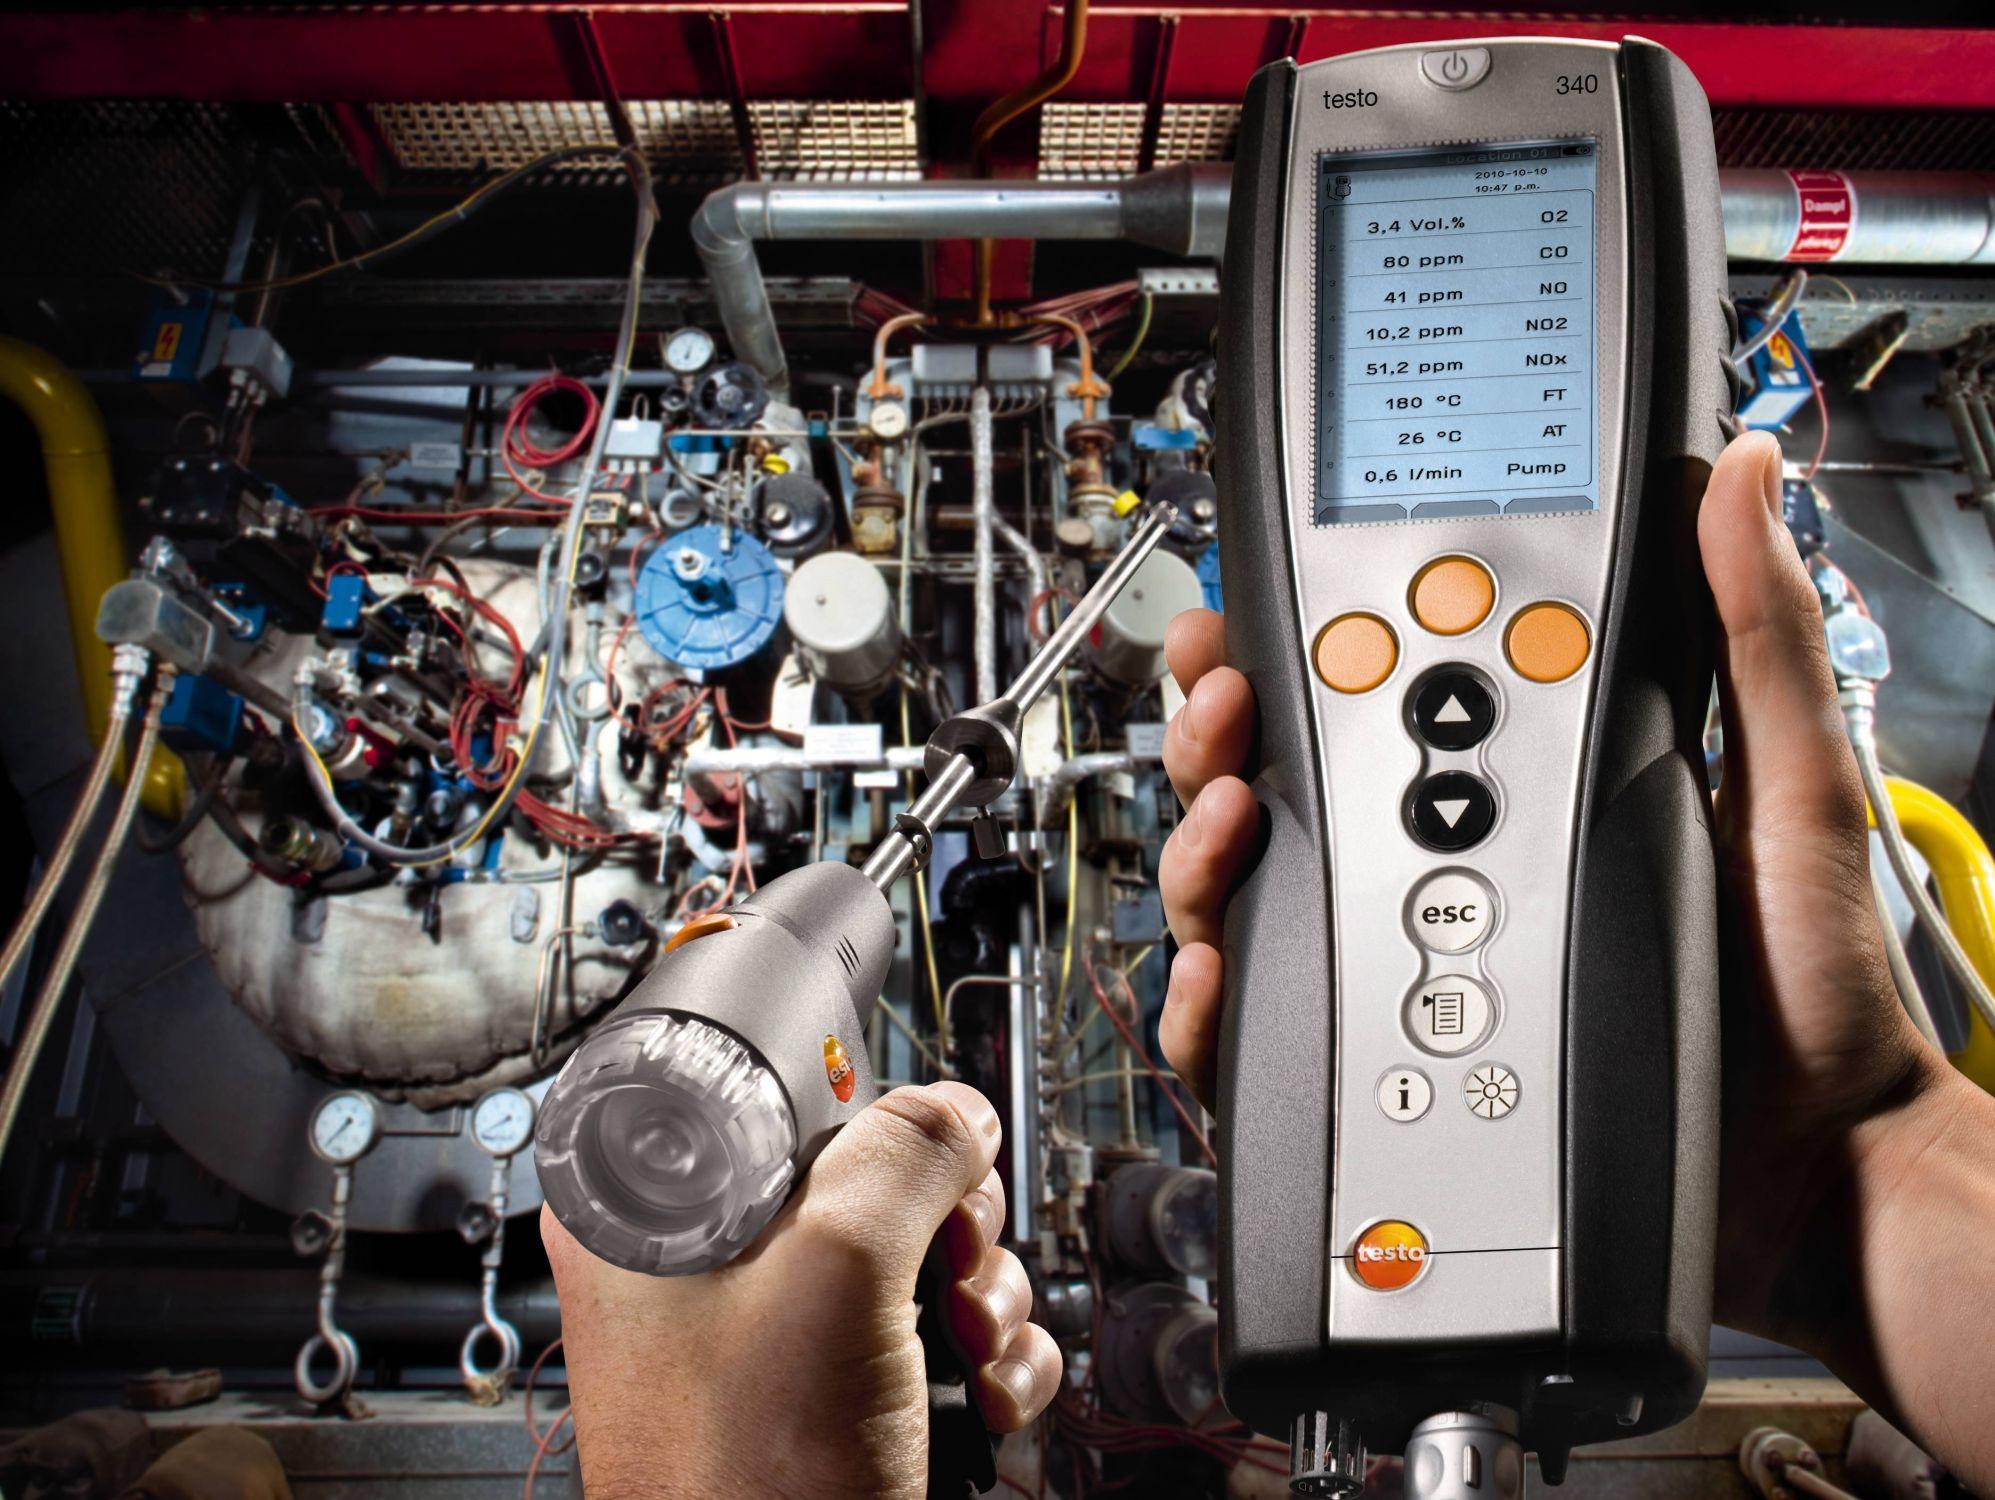 testo 340 diesel engine kit